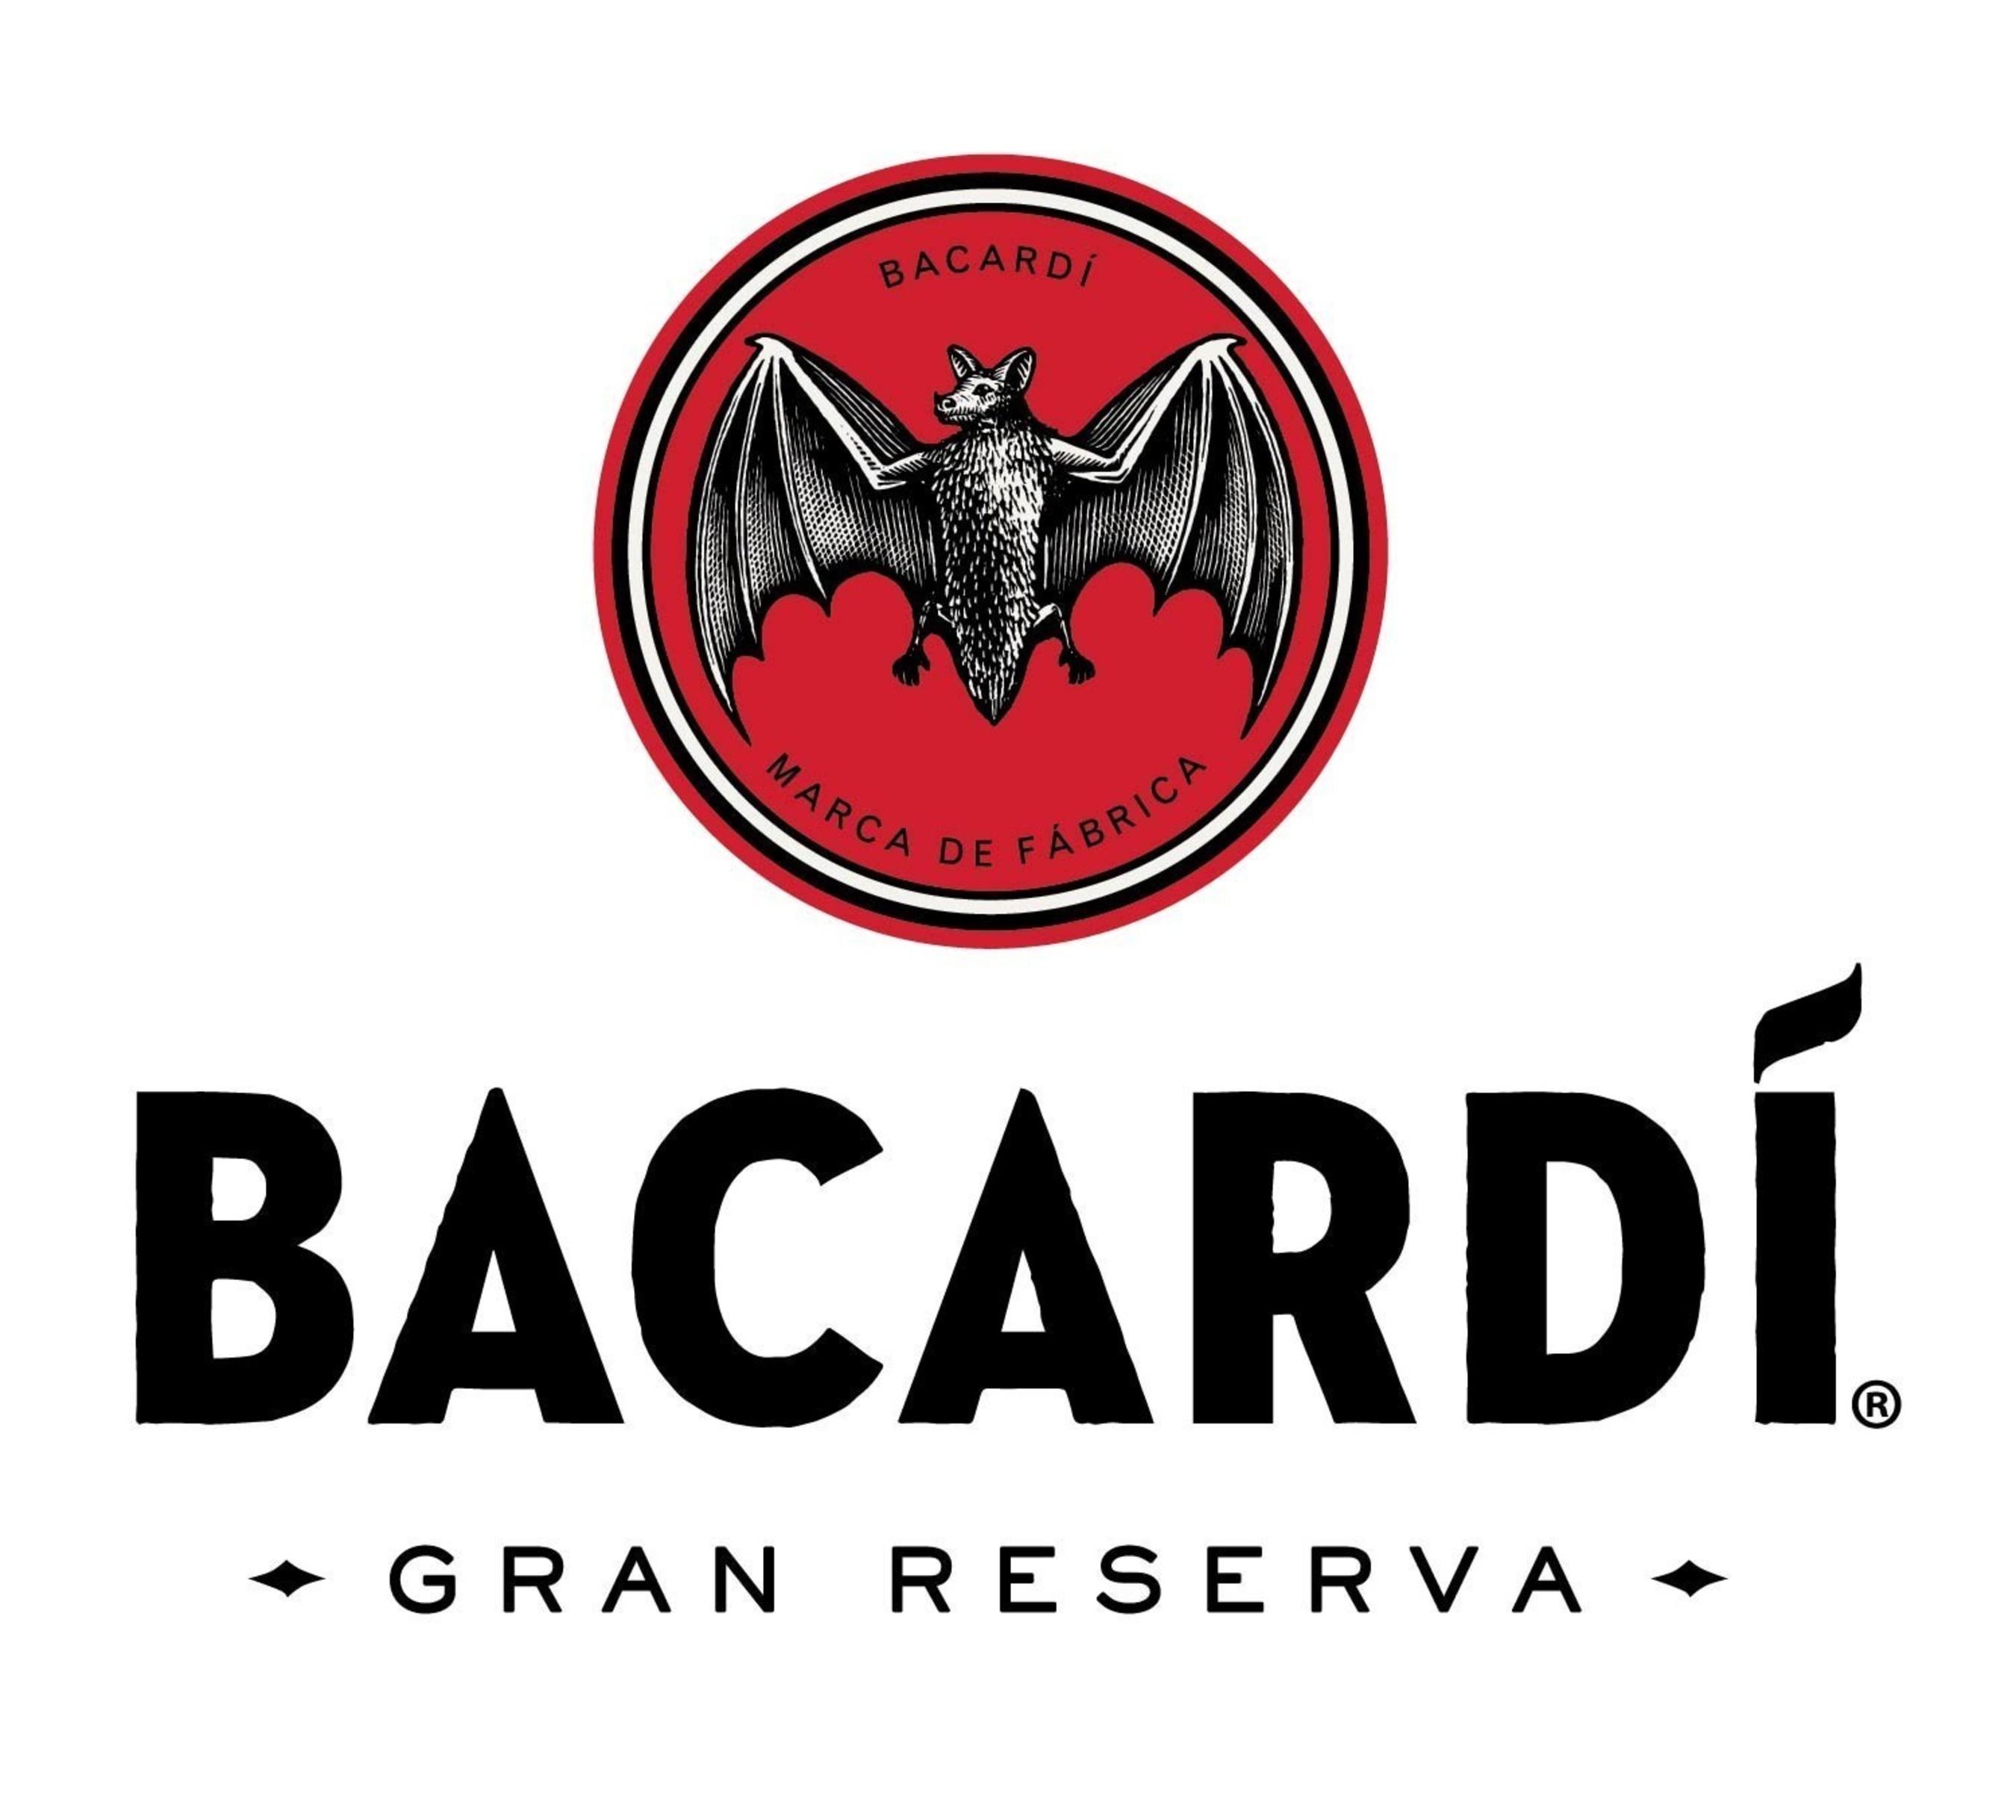 BACARDI(R) Gran Reserva